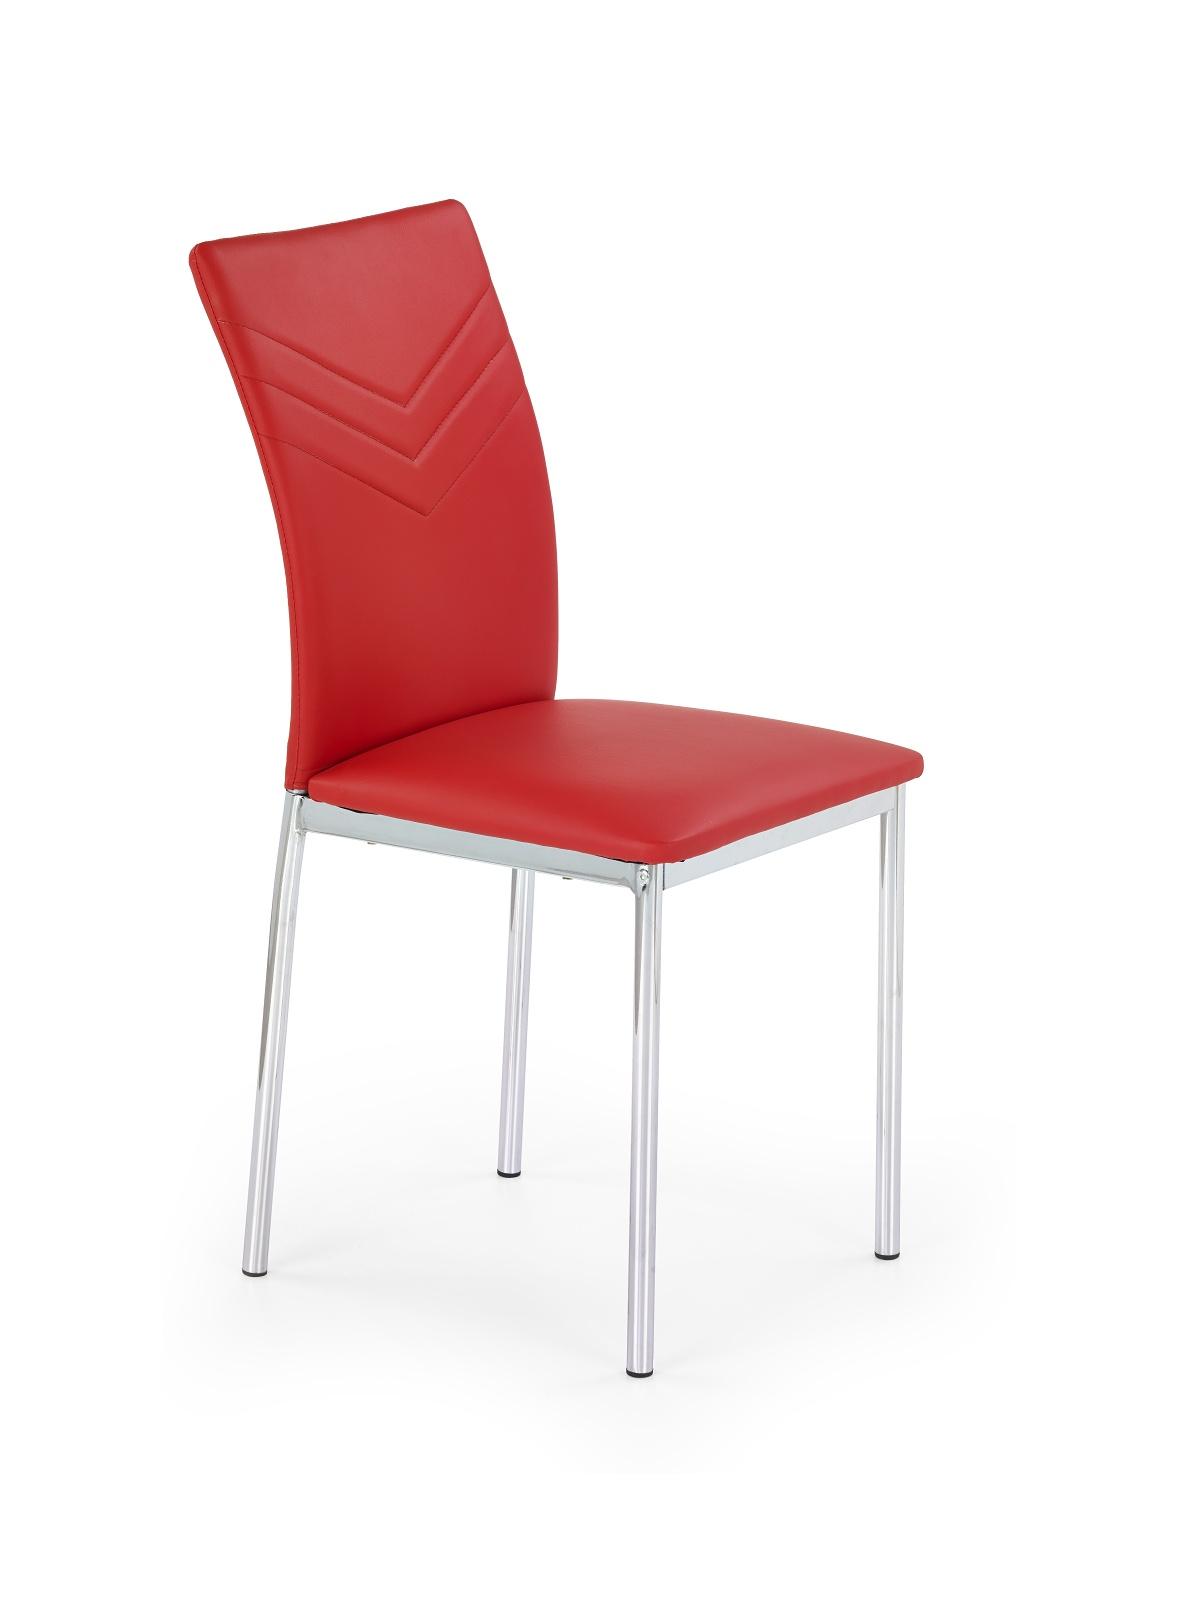 Jedálenská stolička - Halmar - K137 červená